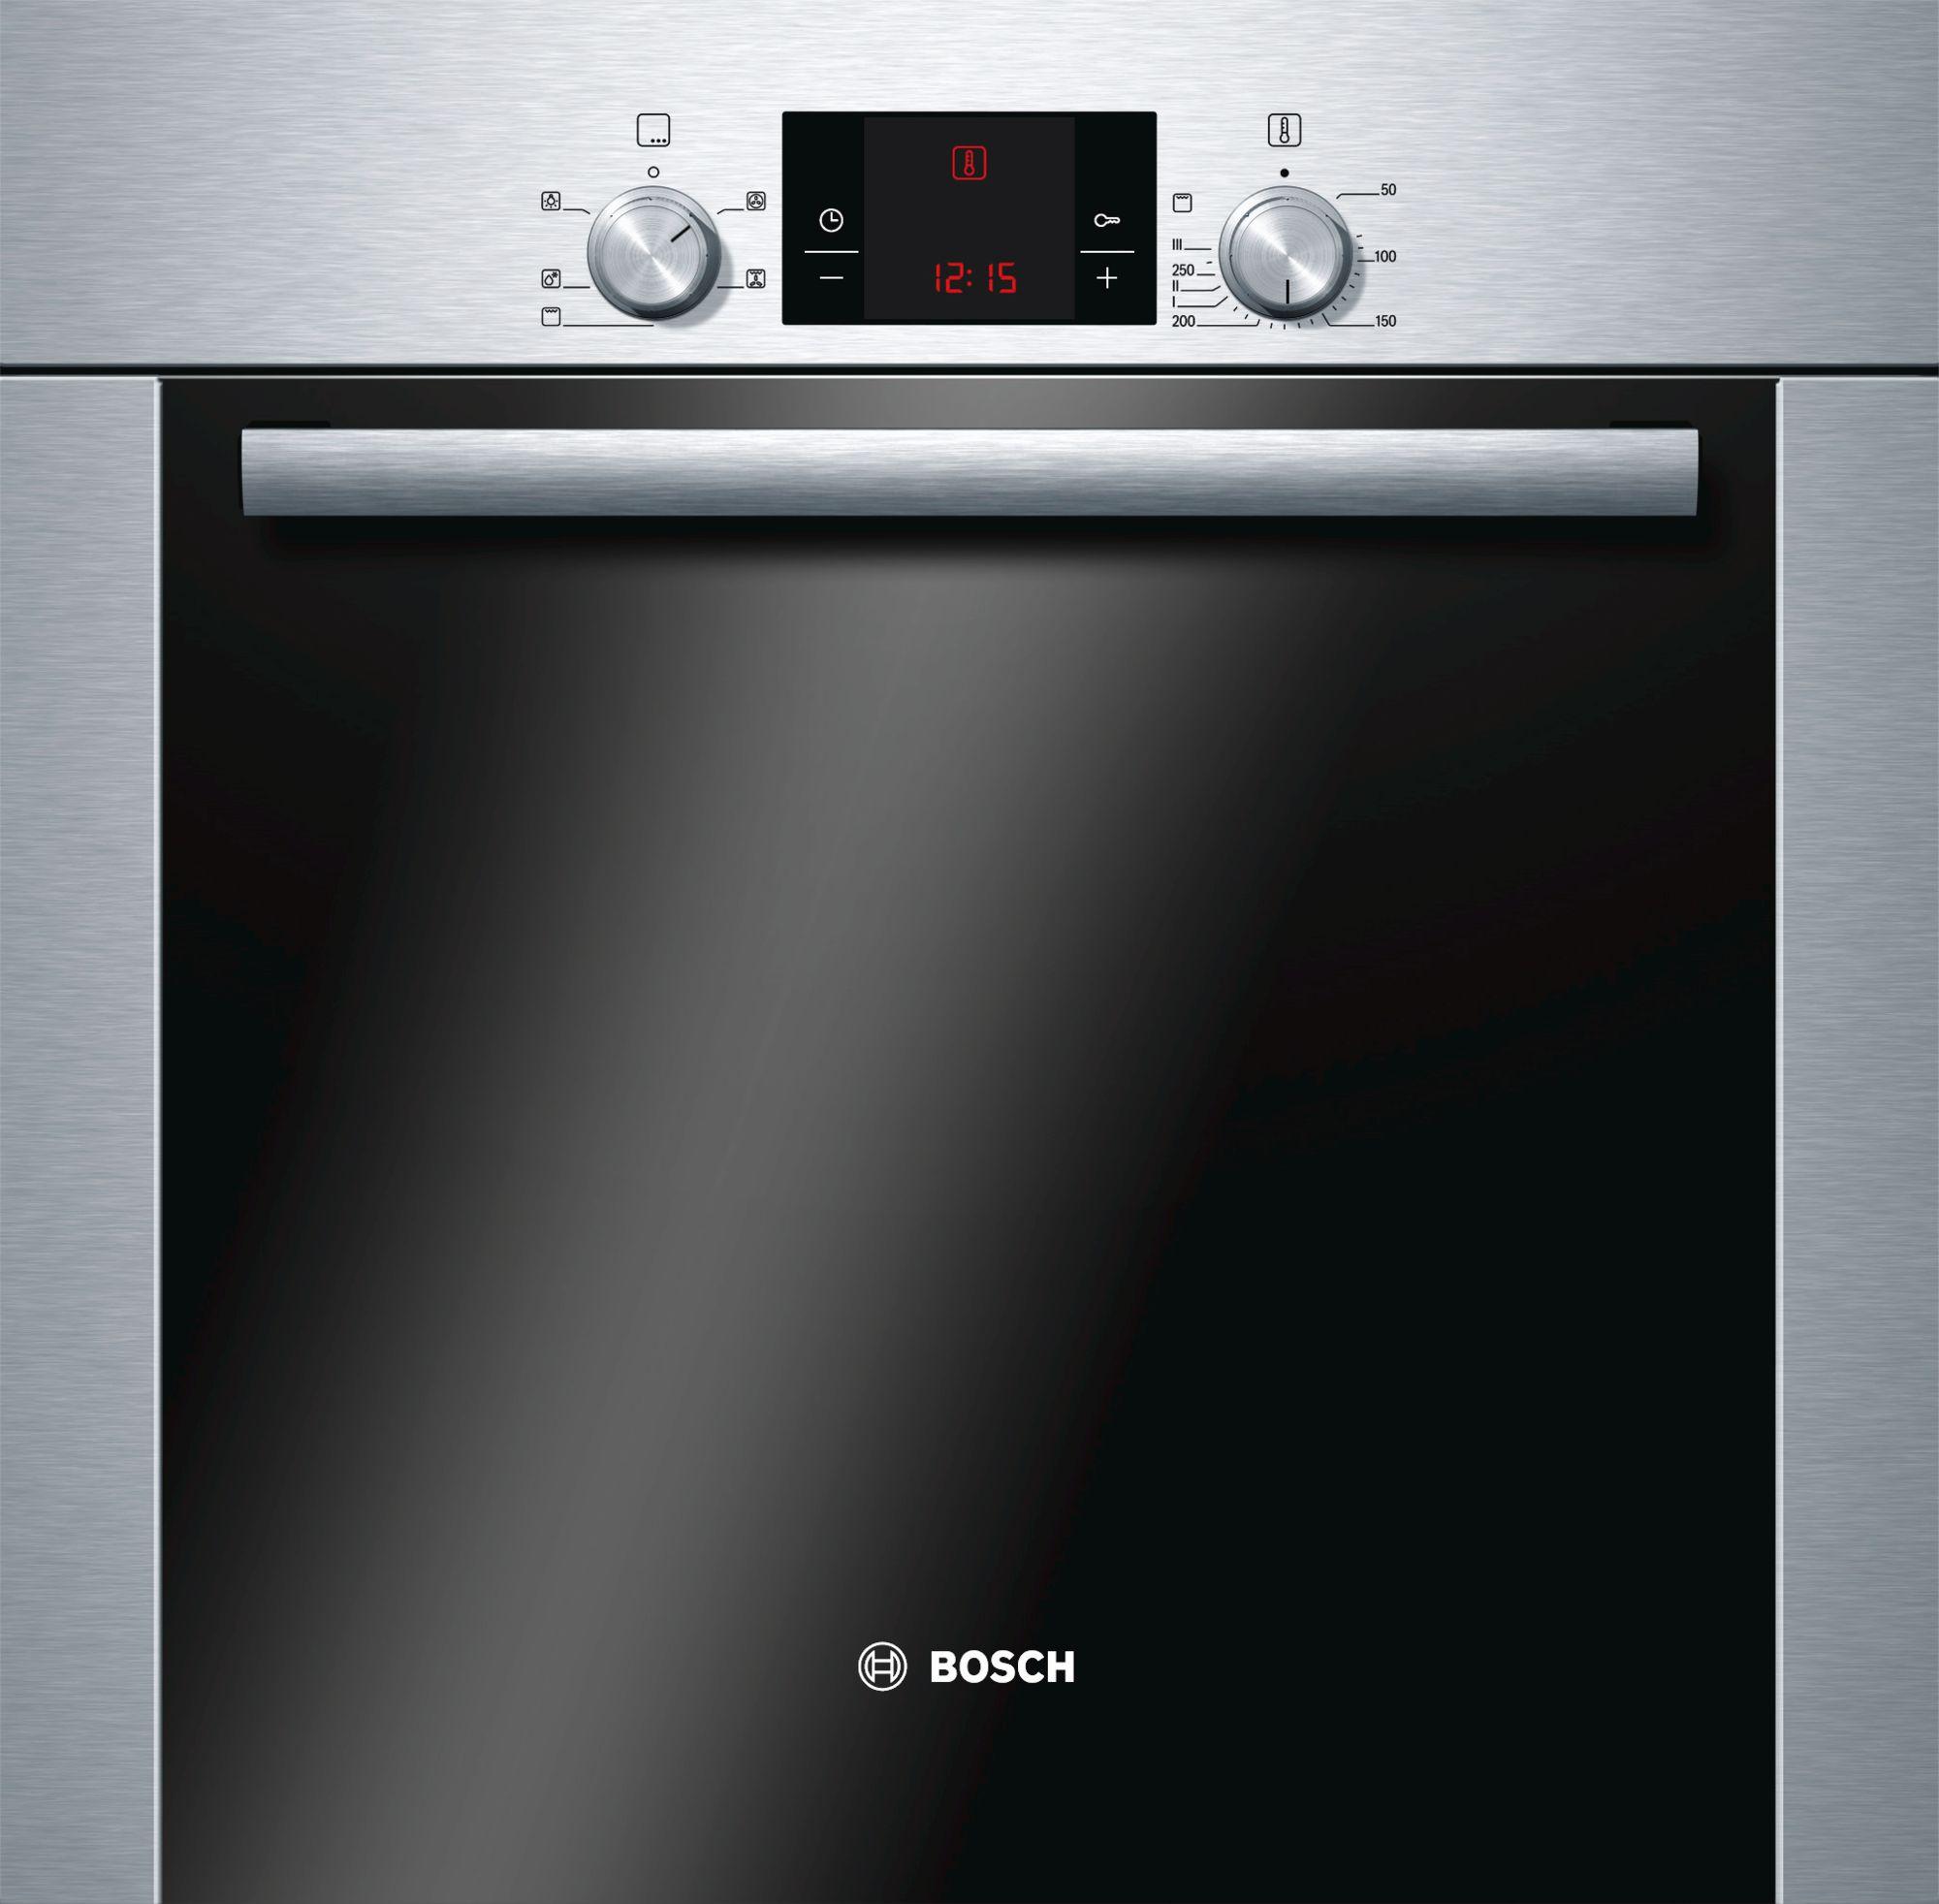 Lò Nướng Bosch HBA13B254A, lò nướng, lo nuong, lò nướng Bosch, lò nướng âm tủ, lò nướng âm tủ giá rẻ tại Hà Nội, lò nướng giá rẻ, lò nướng âm tủ giá rẻ, lò nướng âm tủ nhập khẩu